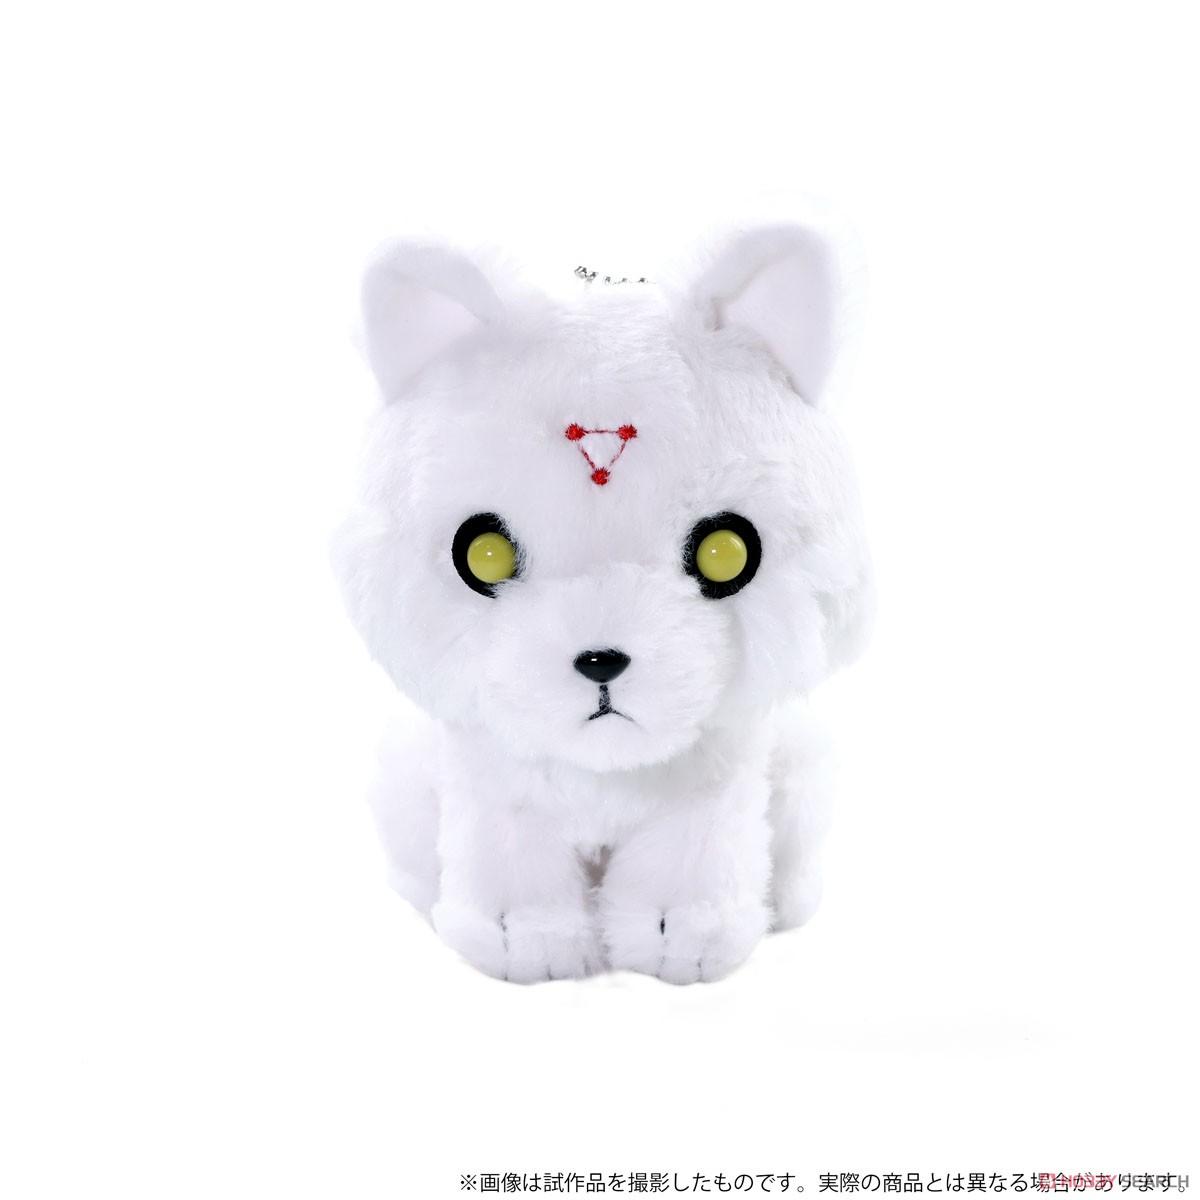 呪術廻戦『玉犬ぬいぐるみキーチェーンセット』グッズ-002